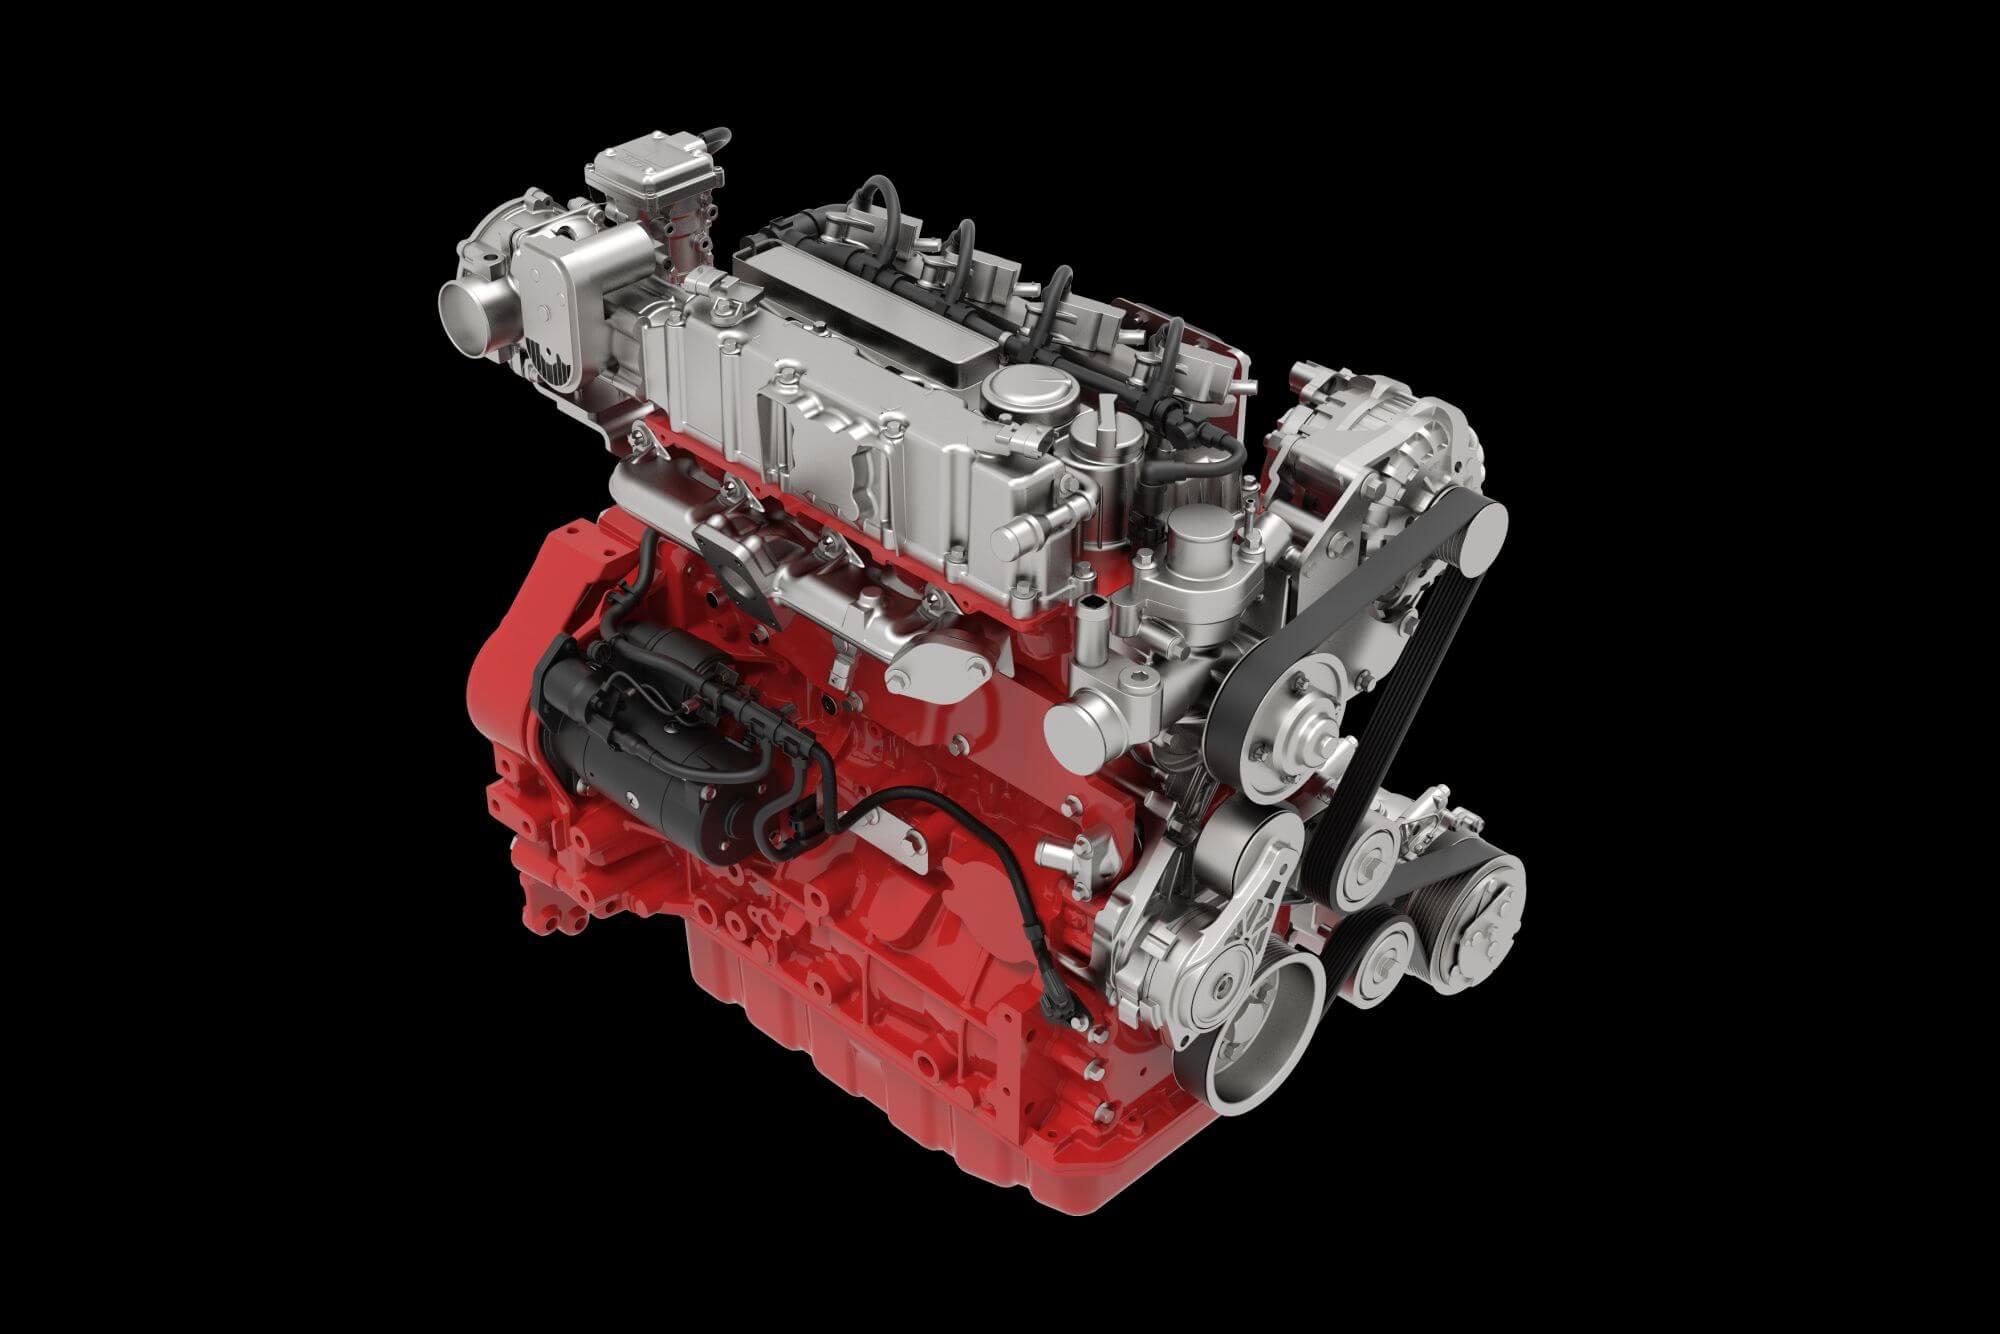 Flüssiggasmotor (LPG) von Deutz